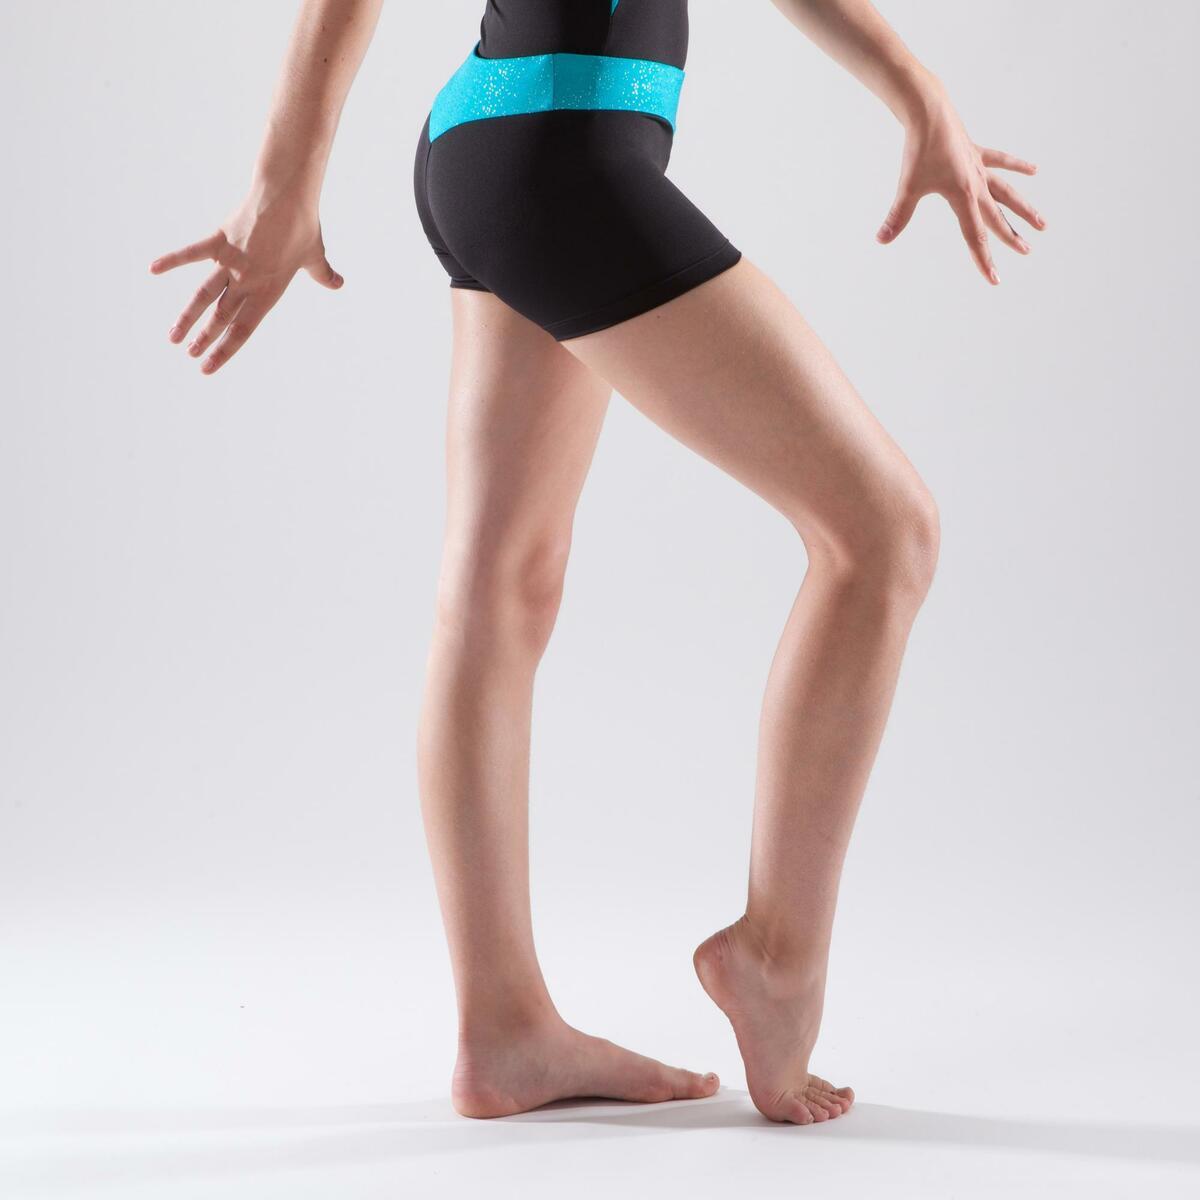 Bild 3 von Gymnastikhose kurz Bund Pailletten türkis